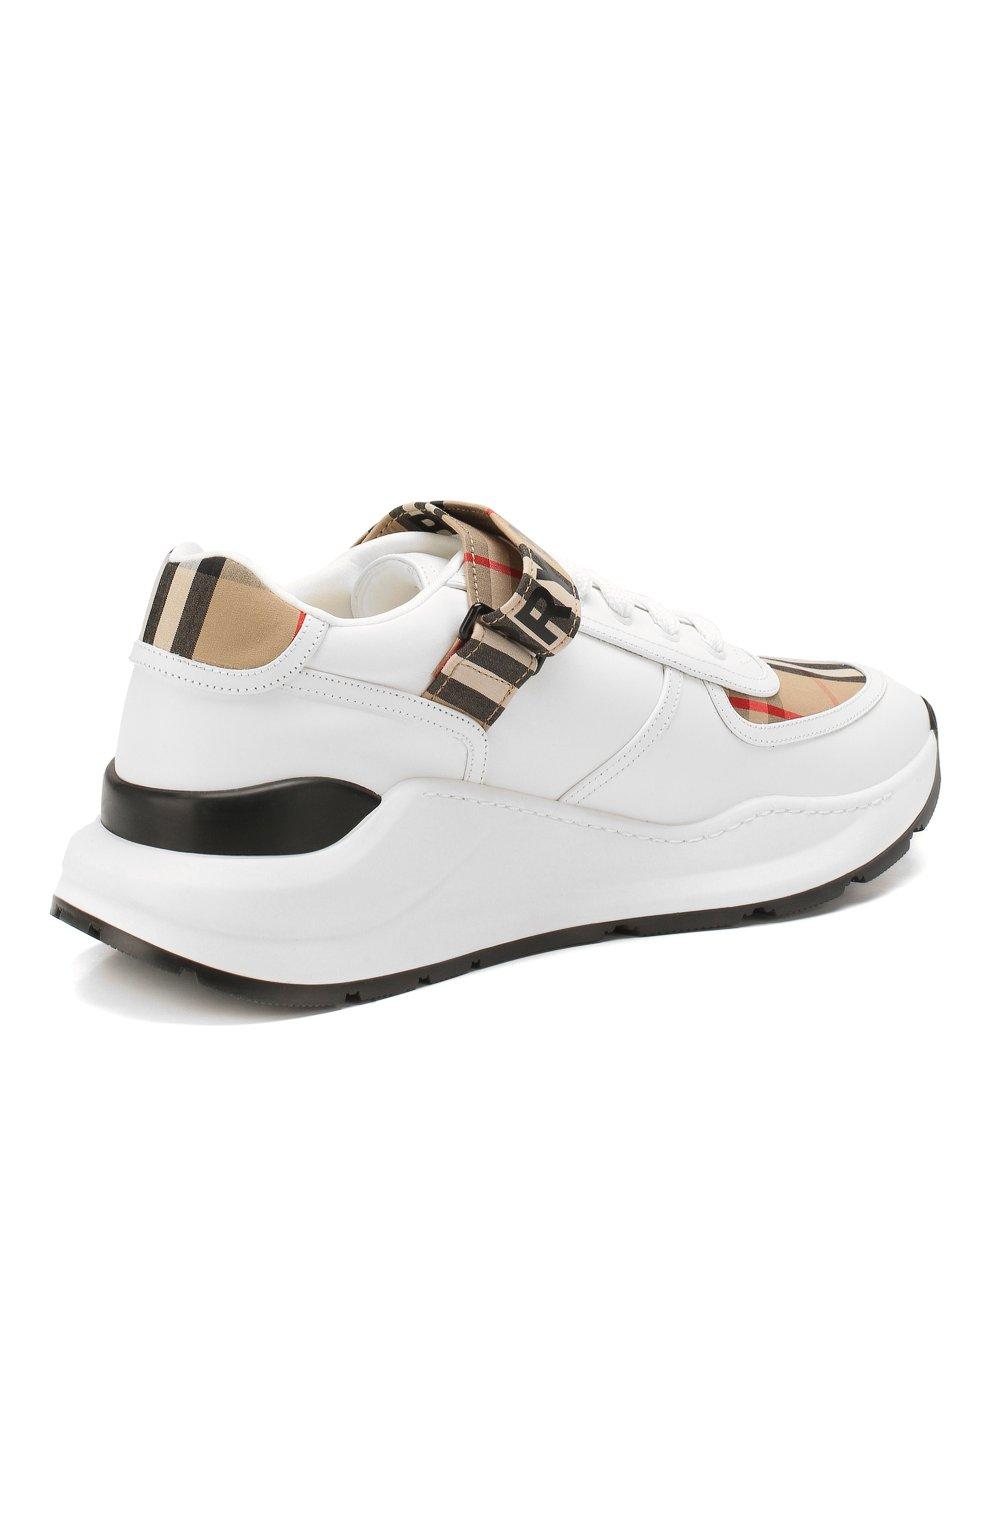 Мужские комбинированные кроссовки BURBERRY белого цвета, арт. 8024052   Фото 4 (Материал внешний: Текстиль; Материал внутренний: Натуральная кожа, Текстиль; Стили: Гранж; Подошва: Массивная)